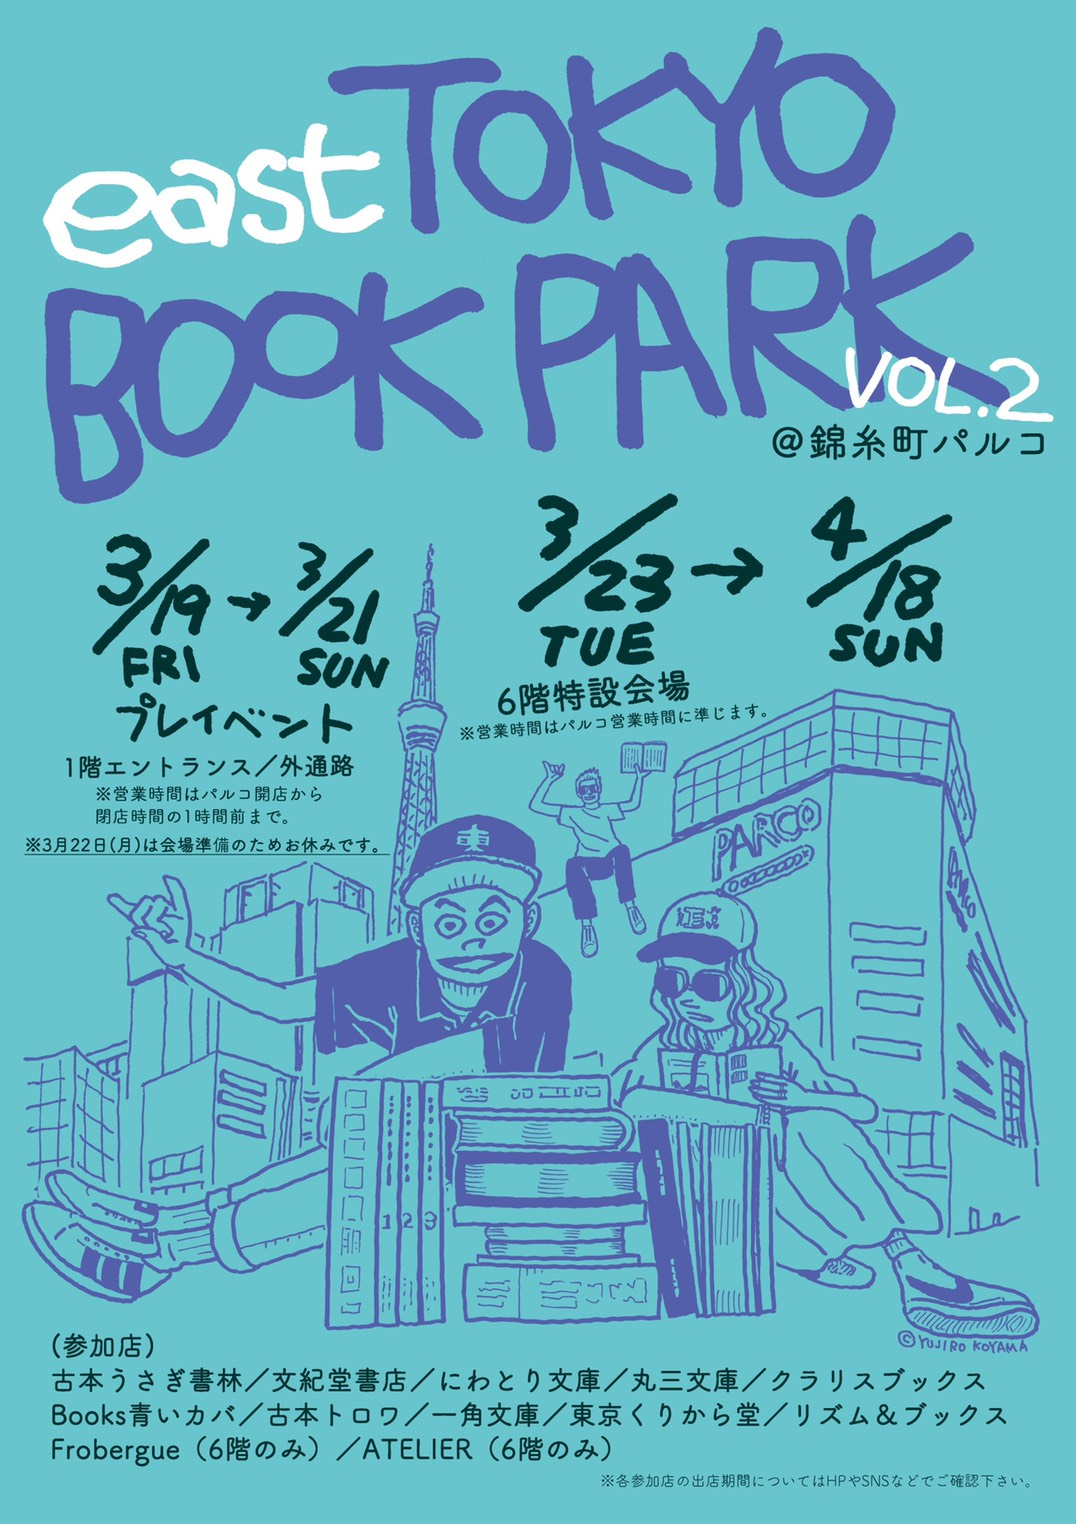 east TOKYO BOOK PARK vol.2